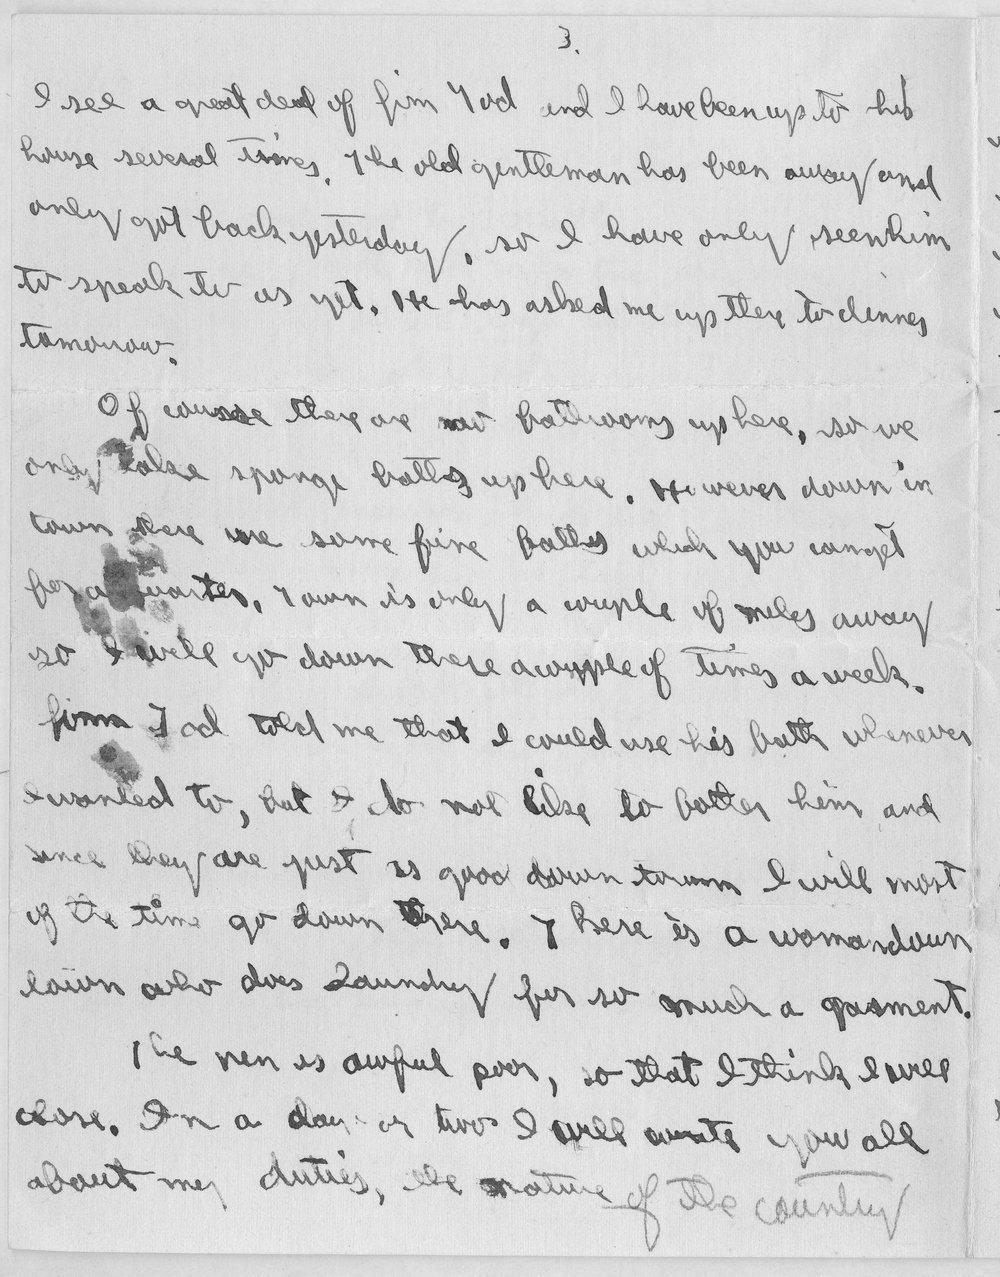 Harry Fine correspondence - 10